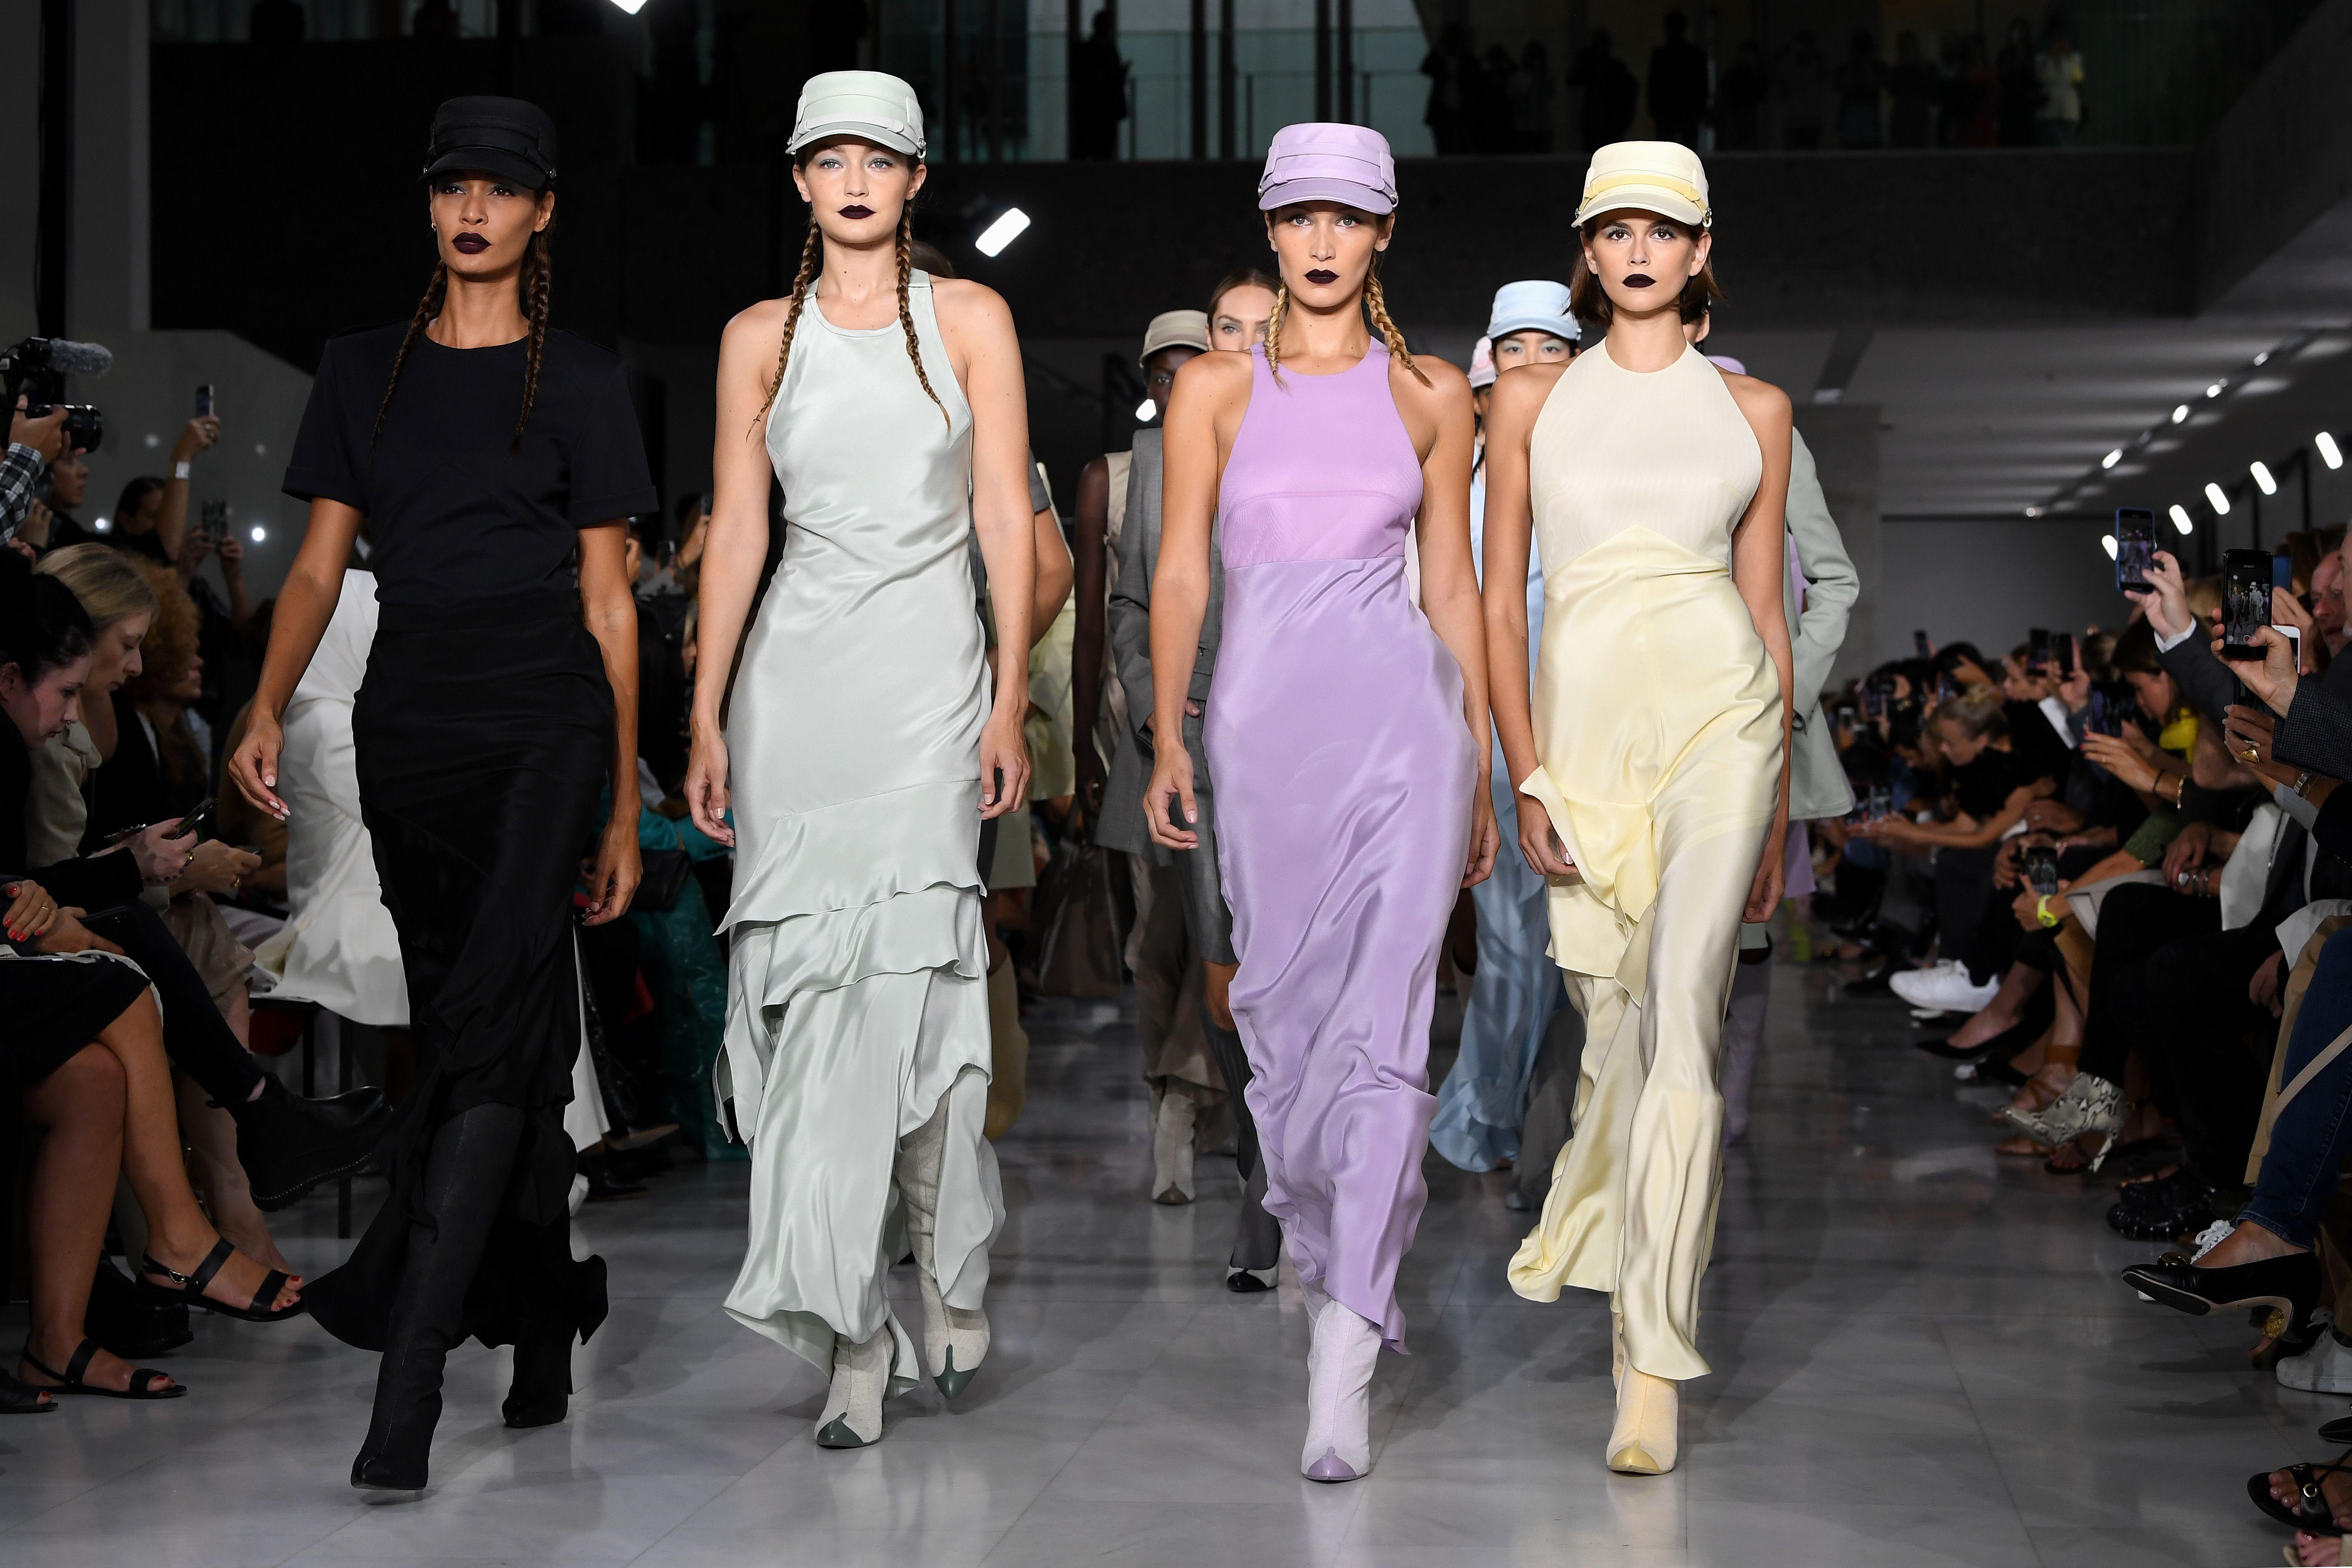 Kaia Gerber, Bella Hadid And Gigi Hadid Form Fashion Army On Max Mara SS20 Runway